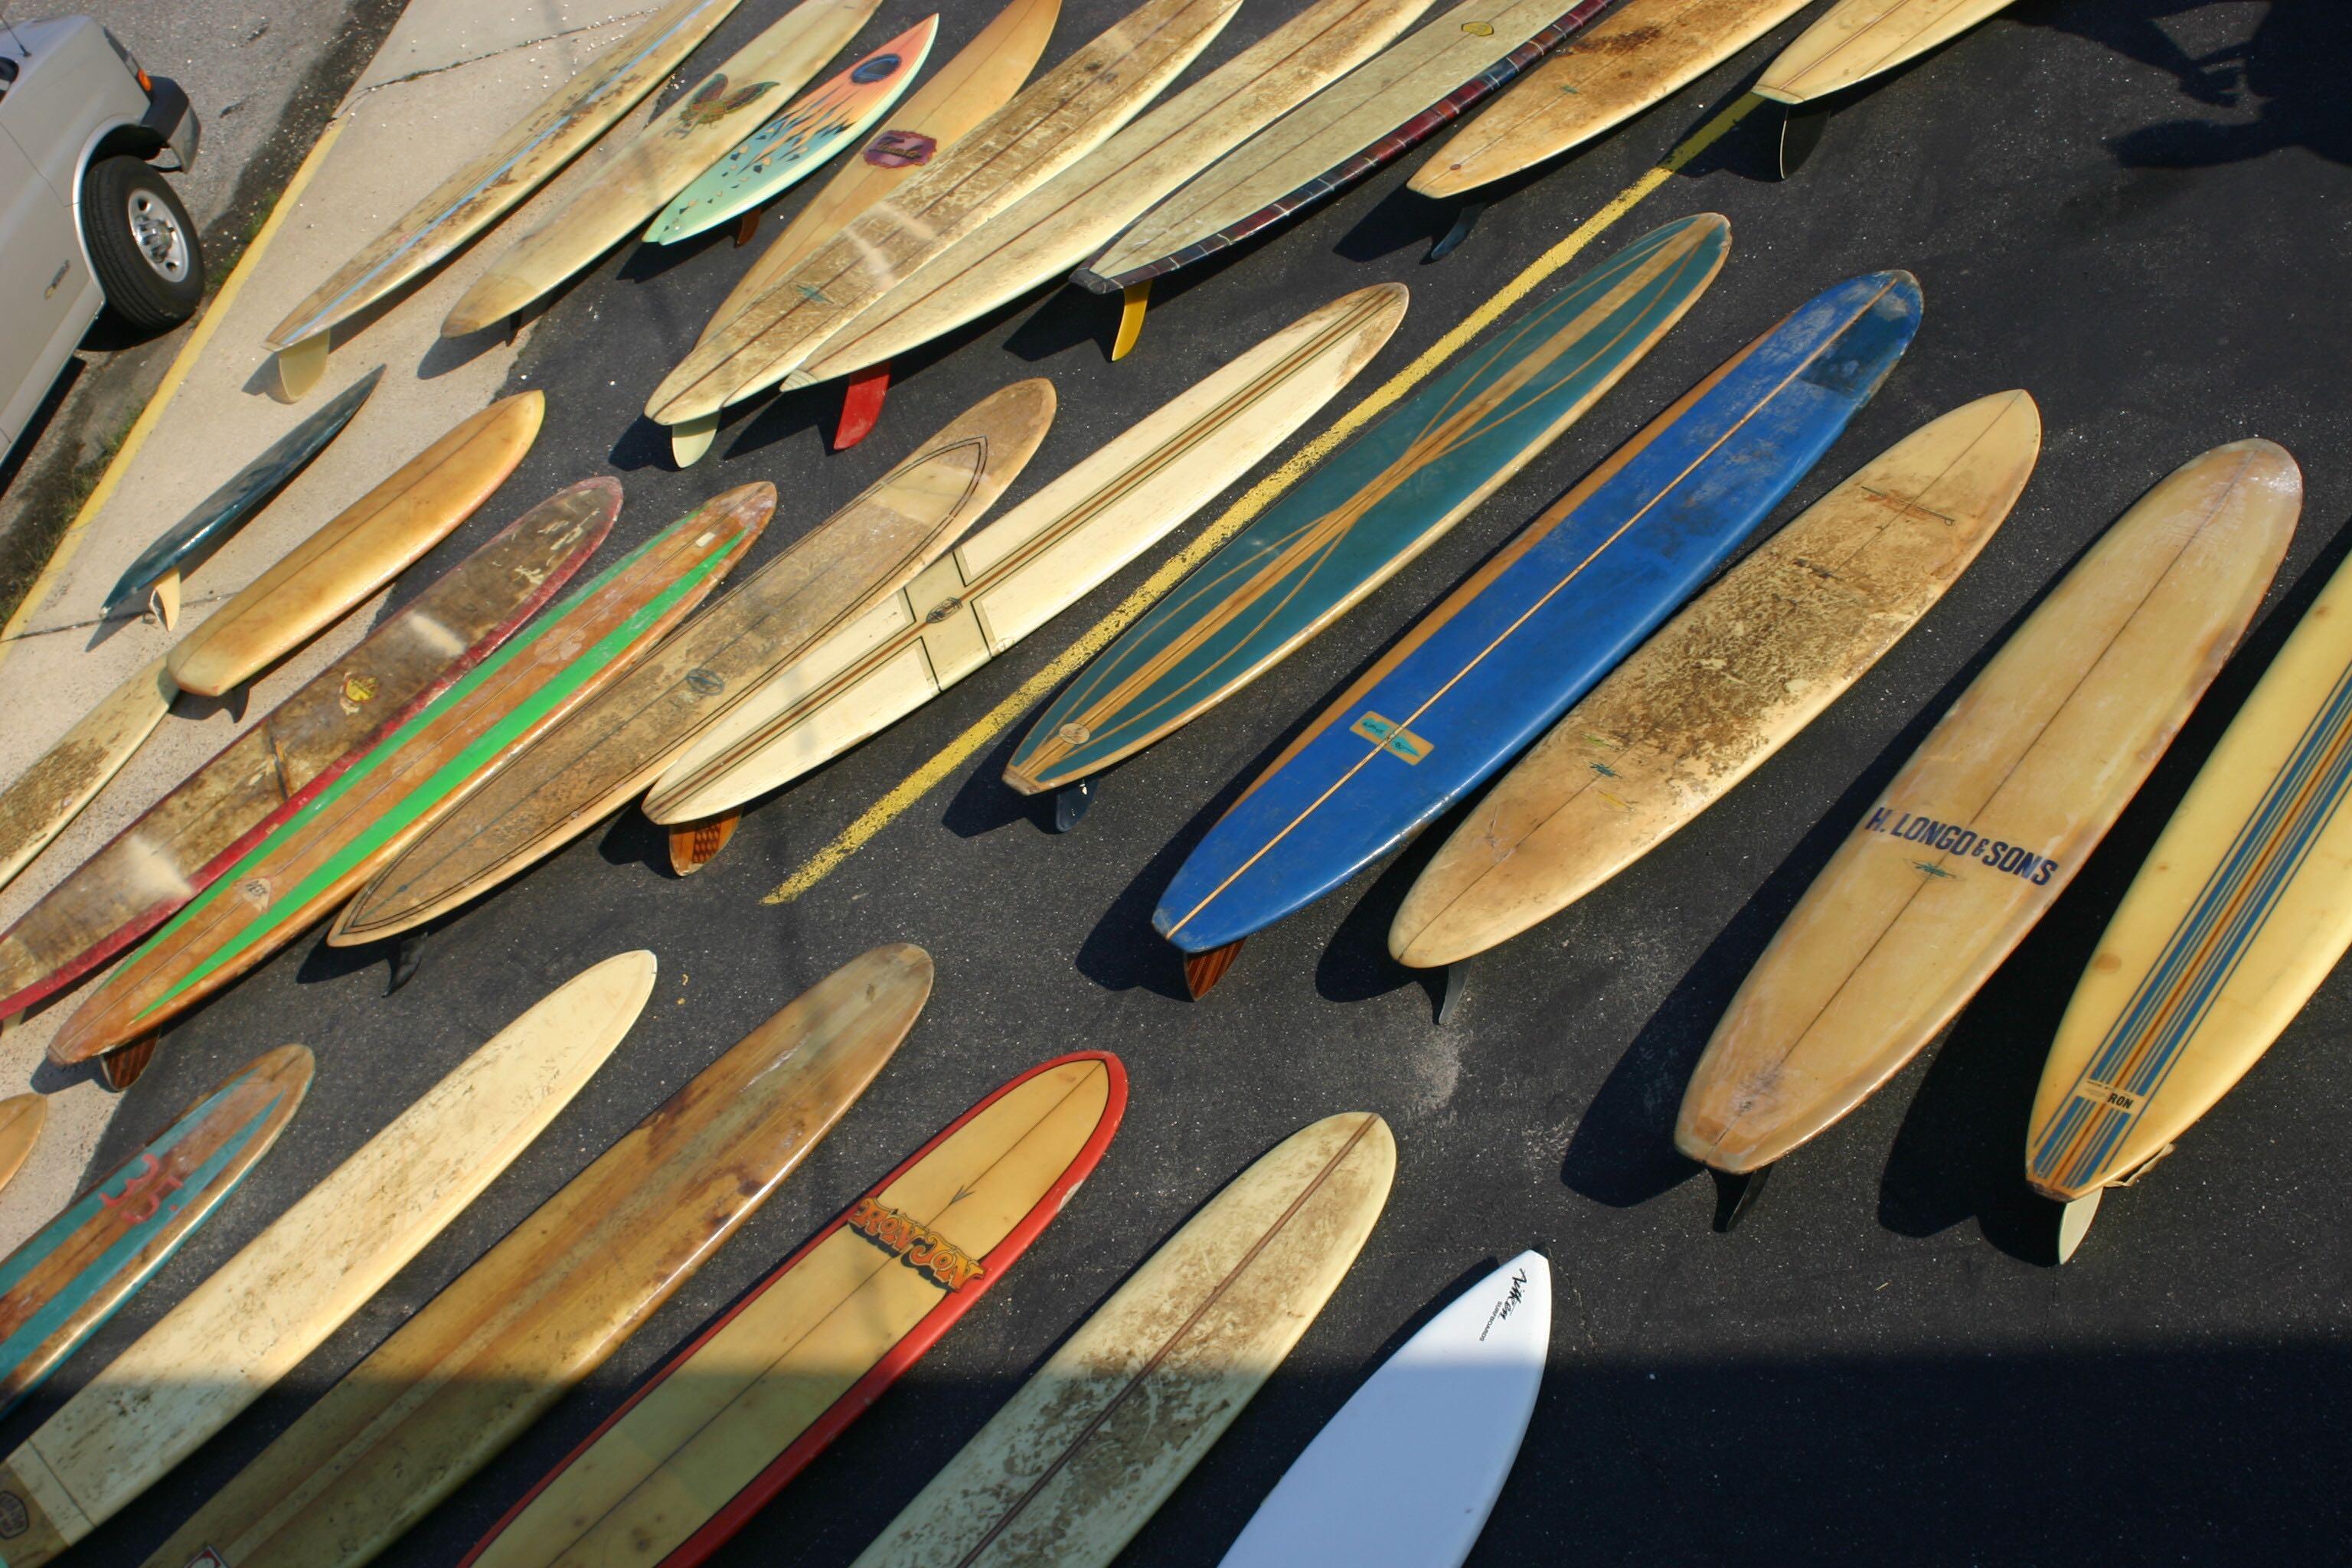 Michael-Lisiewski-Vintage-Surfboards